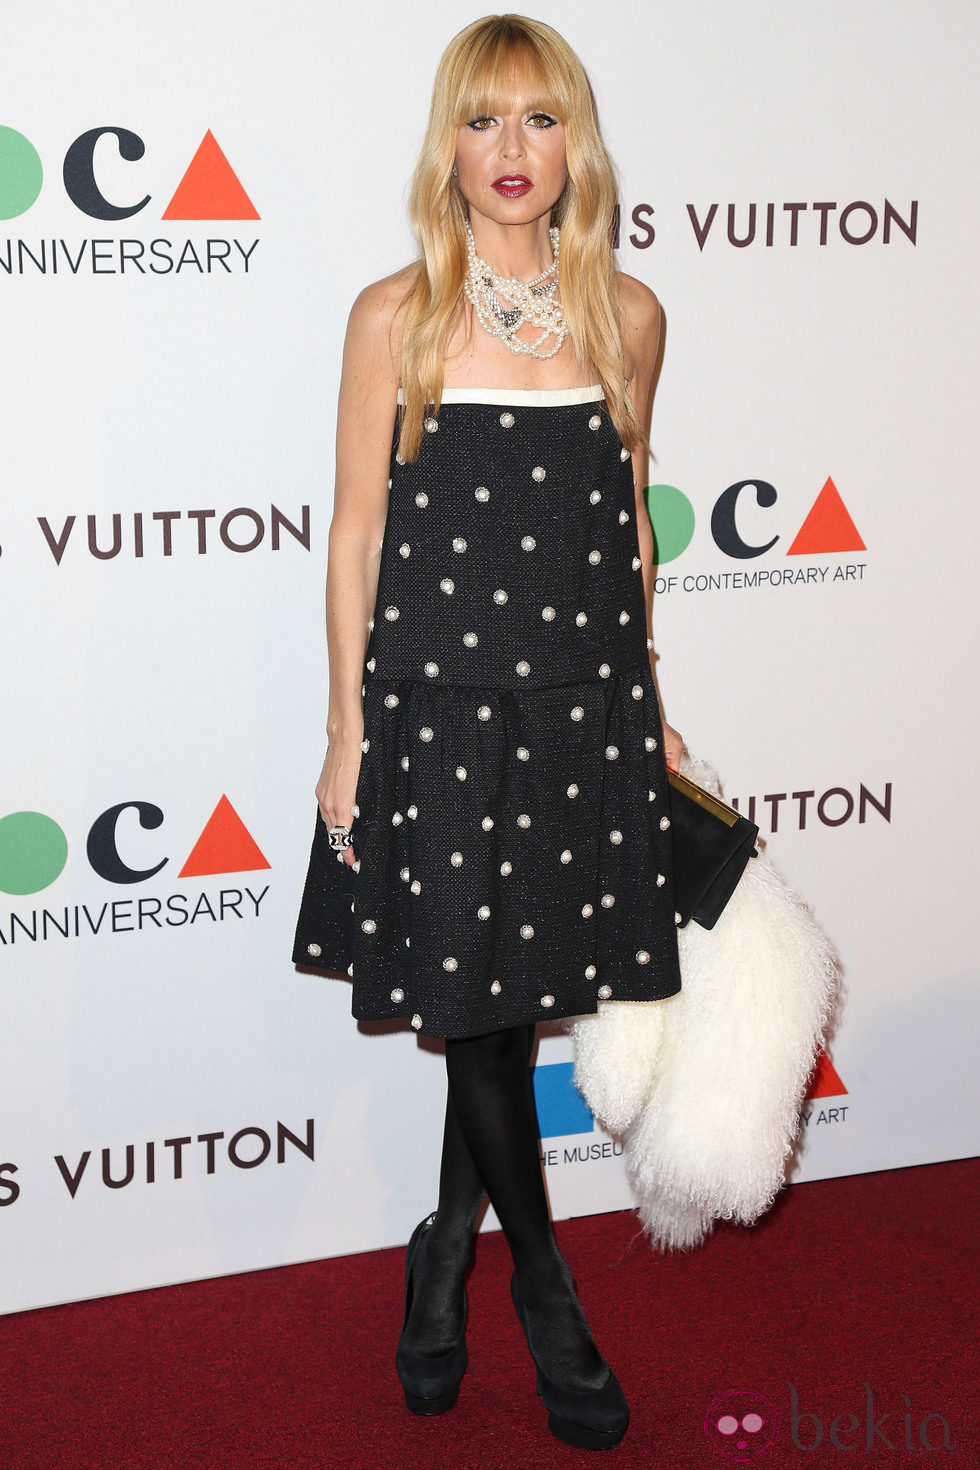 Rachel Zoe en la fiesta del 35 aniversario del MOCA de Los Angeles